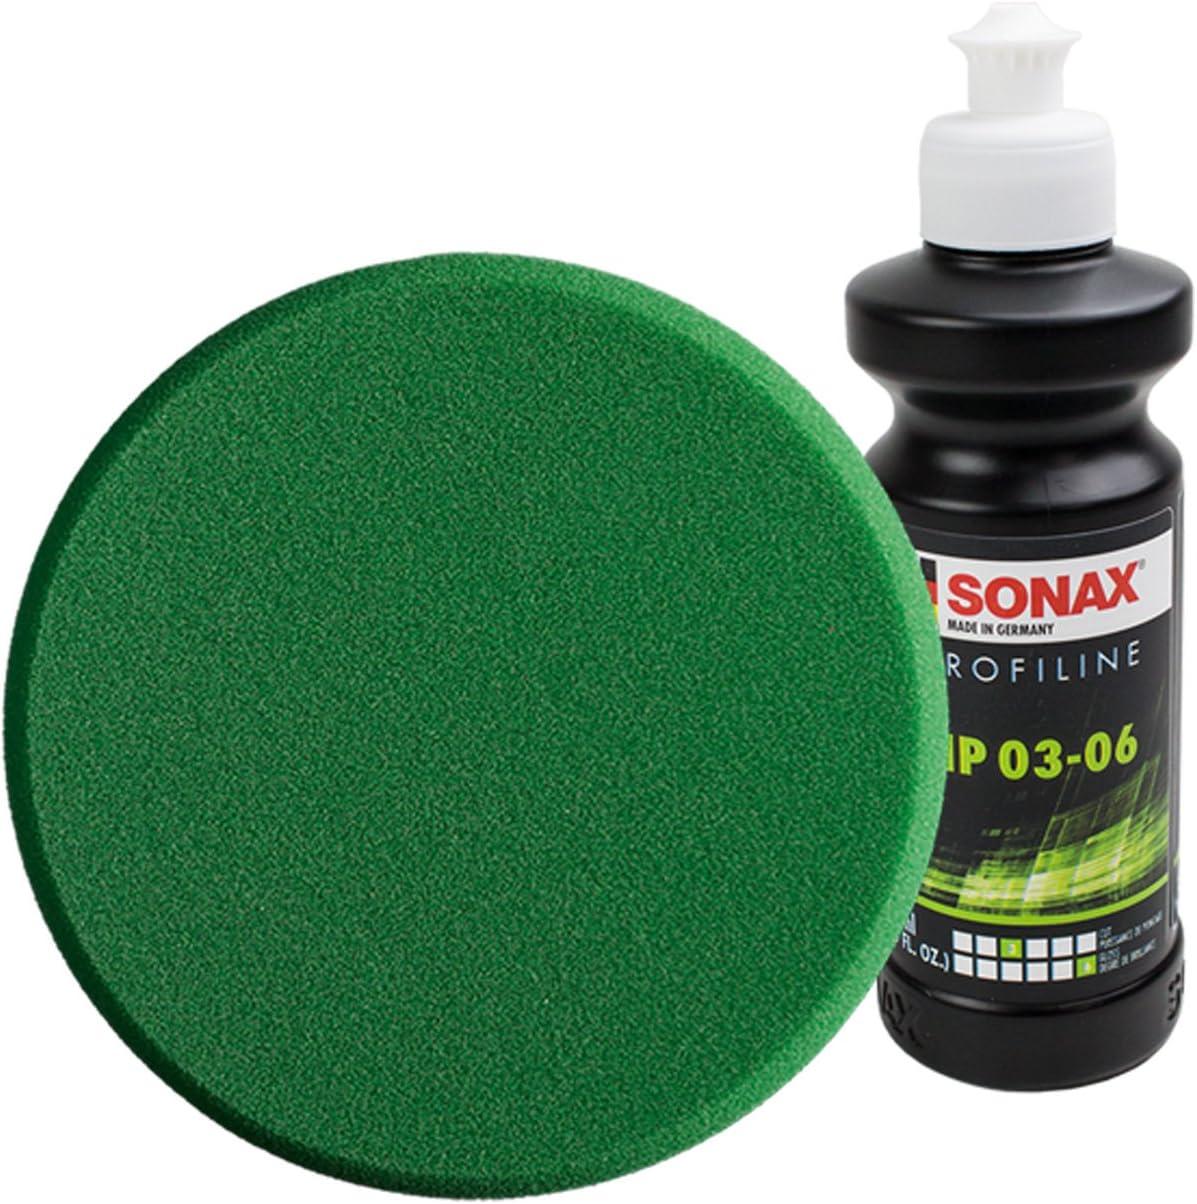 Sonax Polierschwamm Politur GrÜn Profiline Nanopolish Politur Wachs Pflegeset Auto